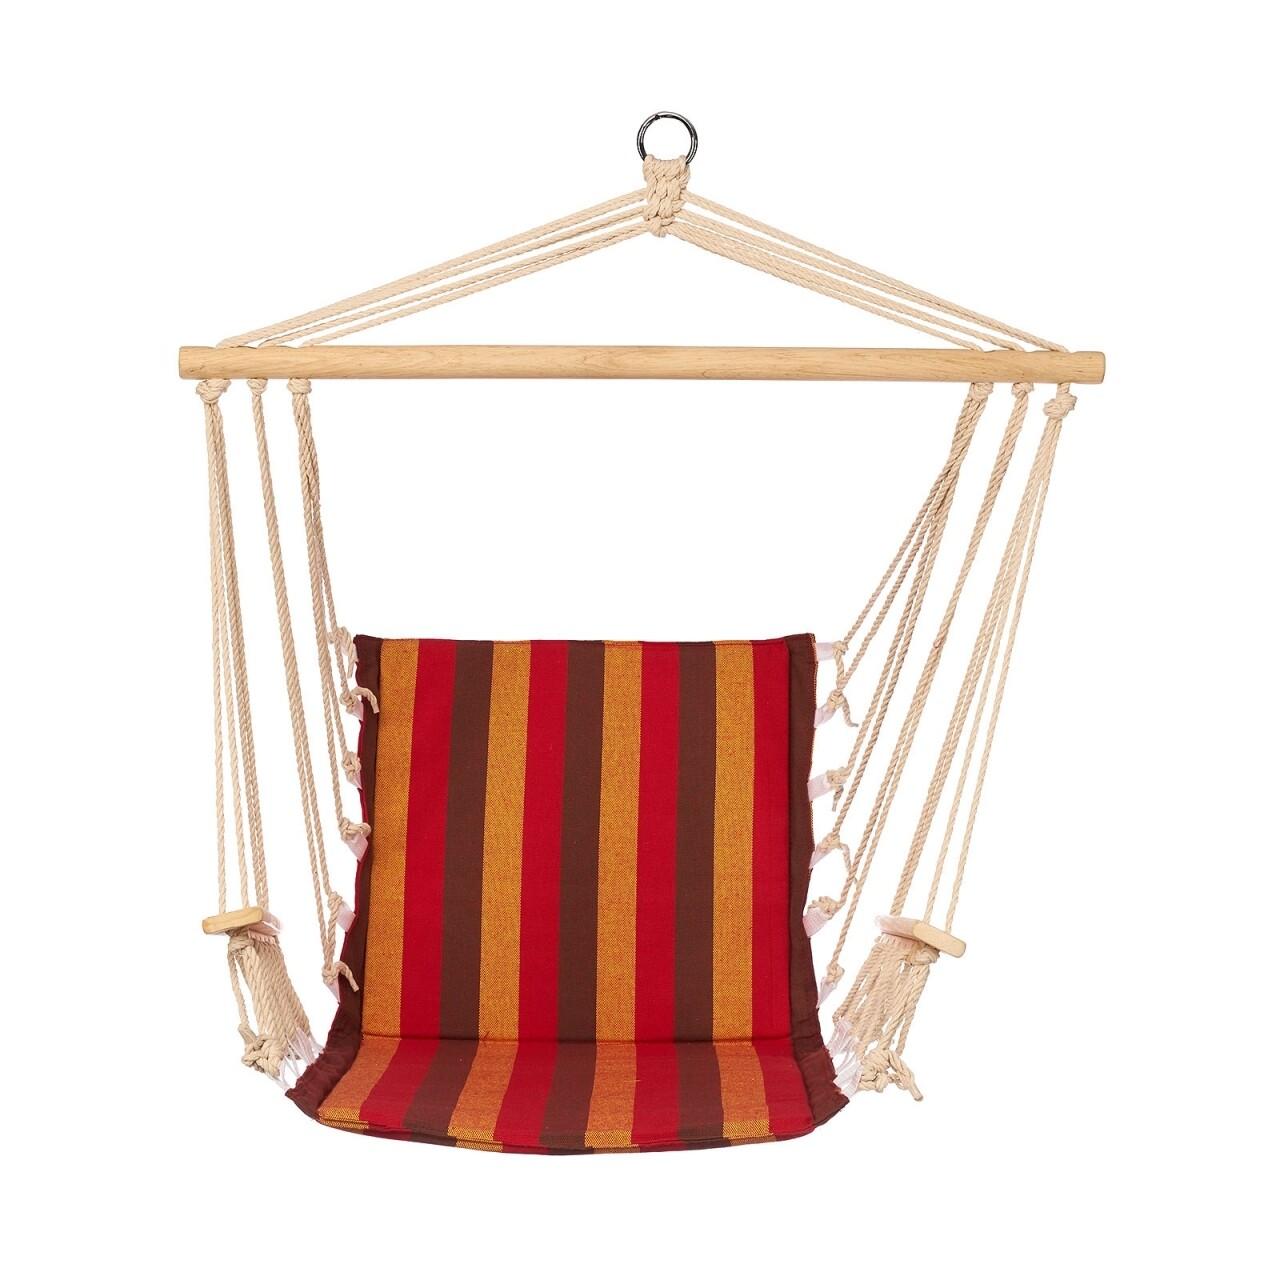 Hamac tip scaun Red & Brown, 86x52 cm, Heinner